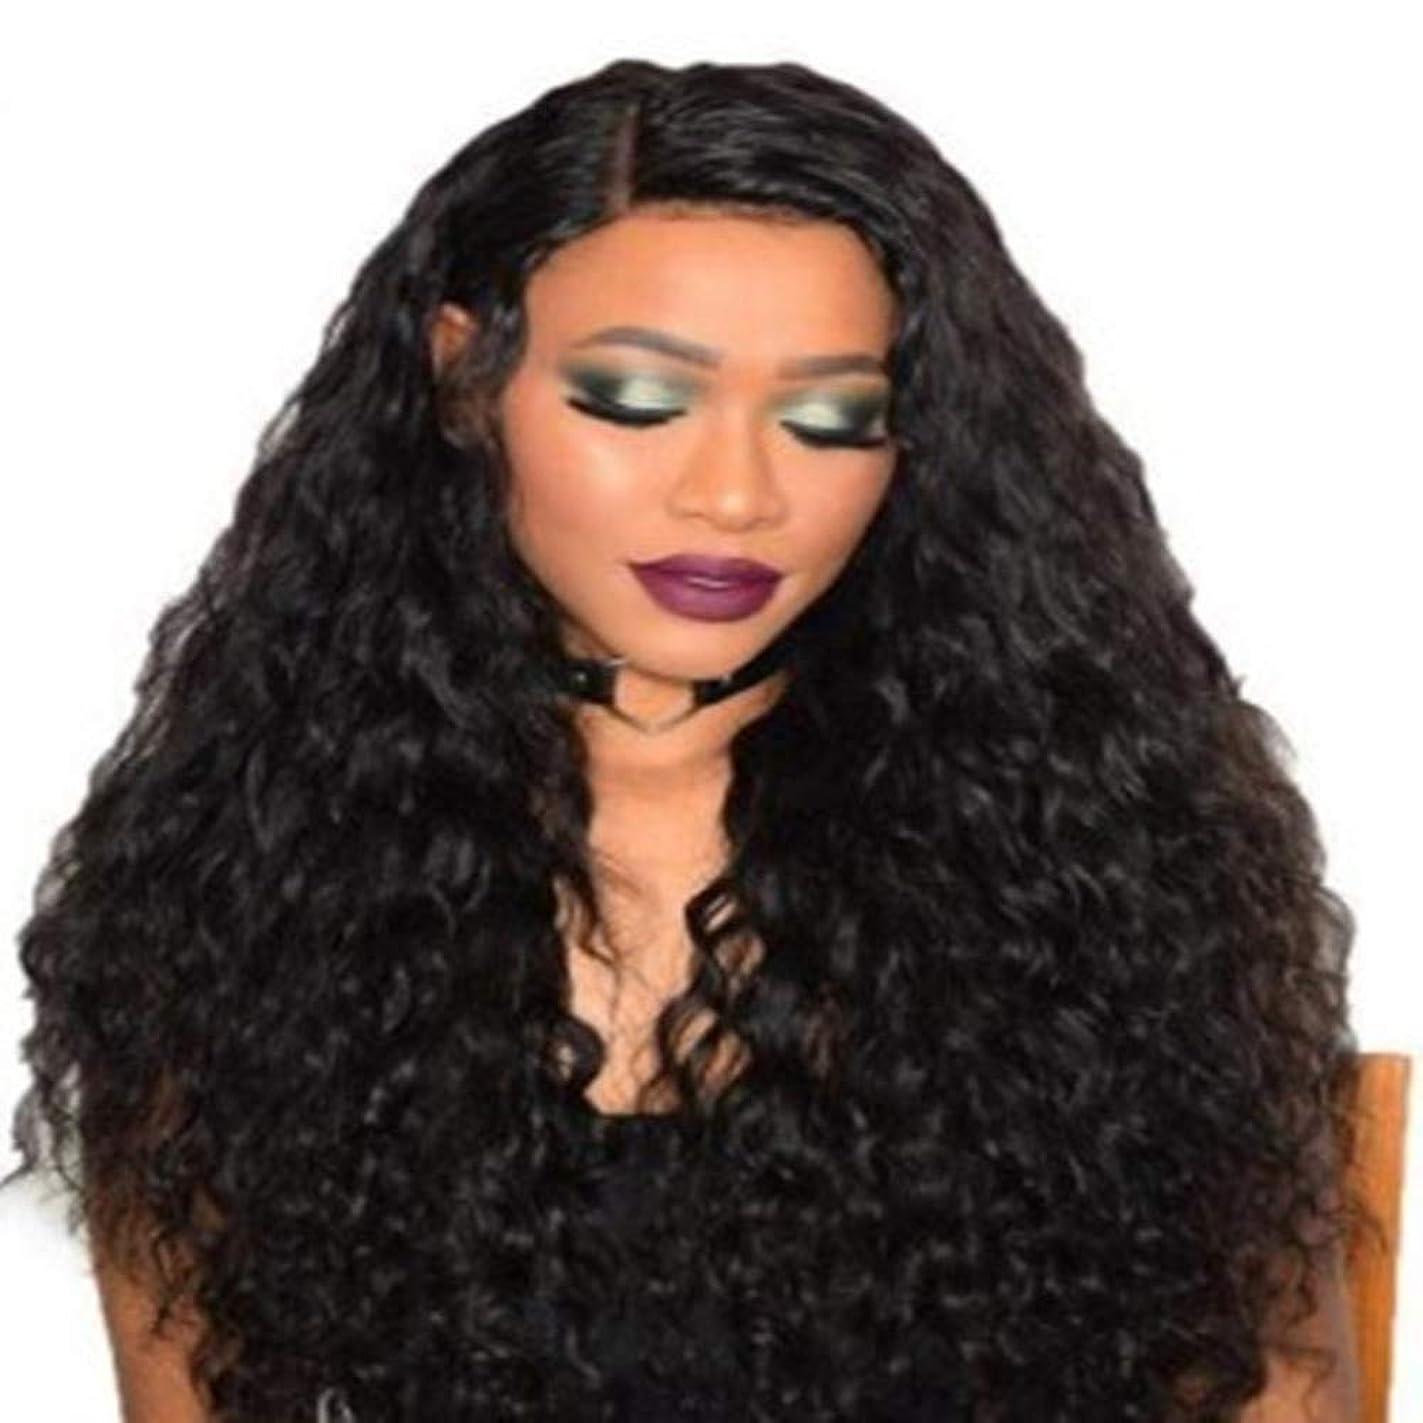 バンクやめる郵便物女性の黒いトウモロコシ長い巻き毛のかつら75 cm